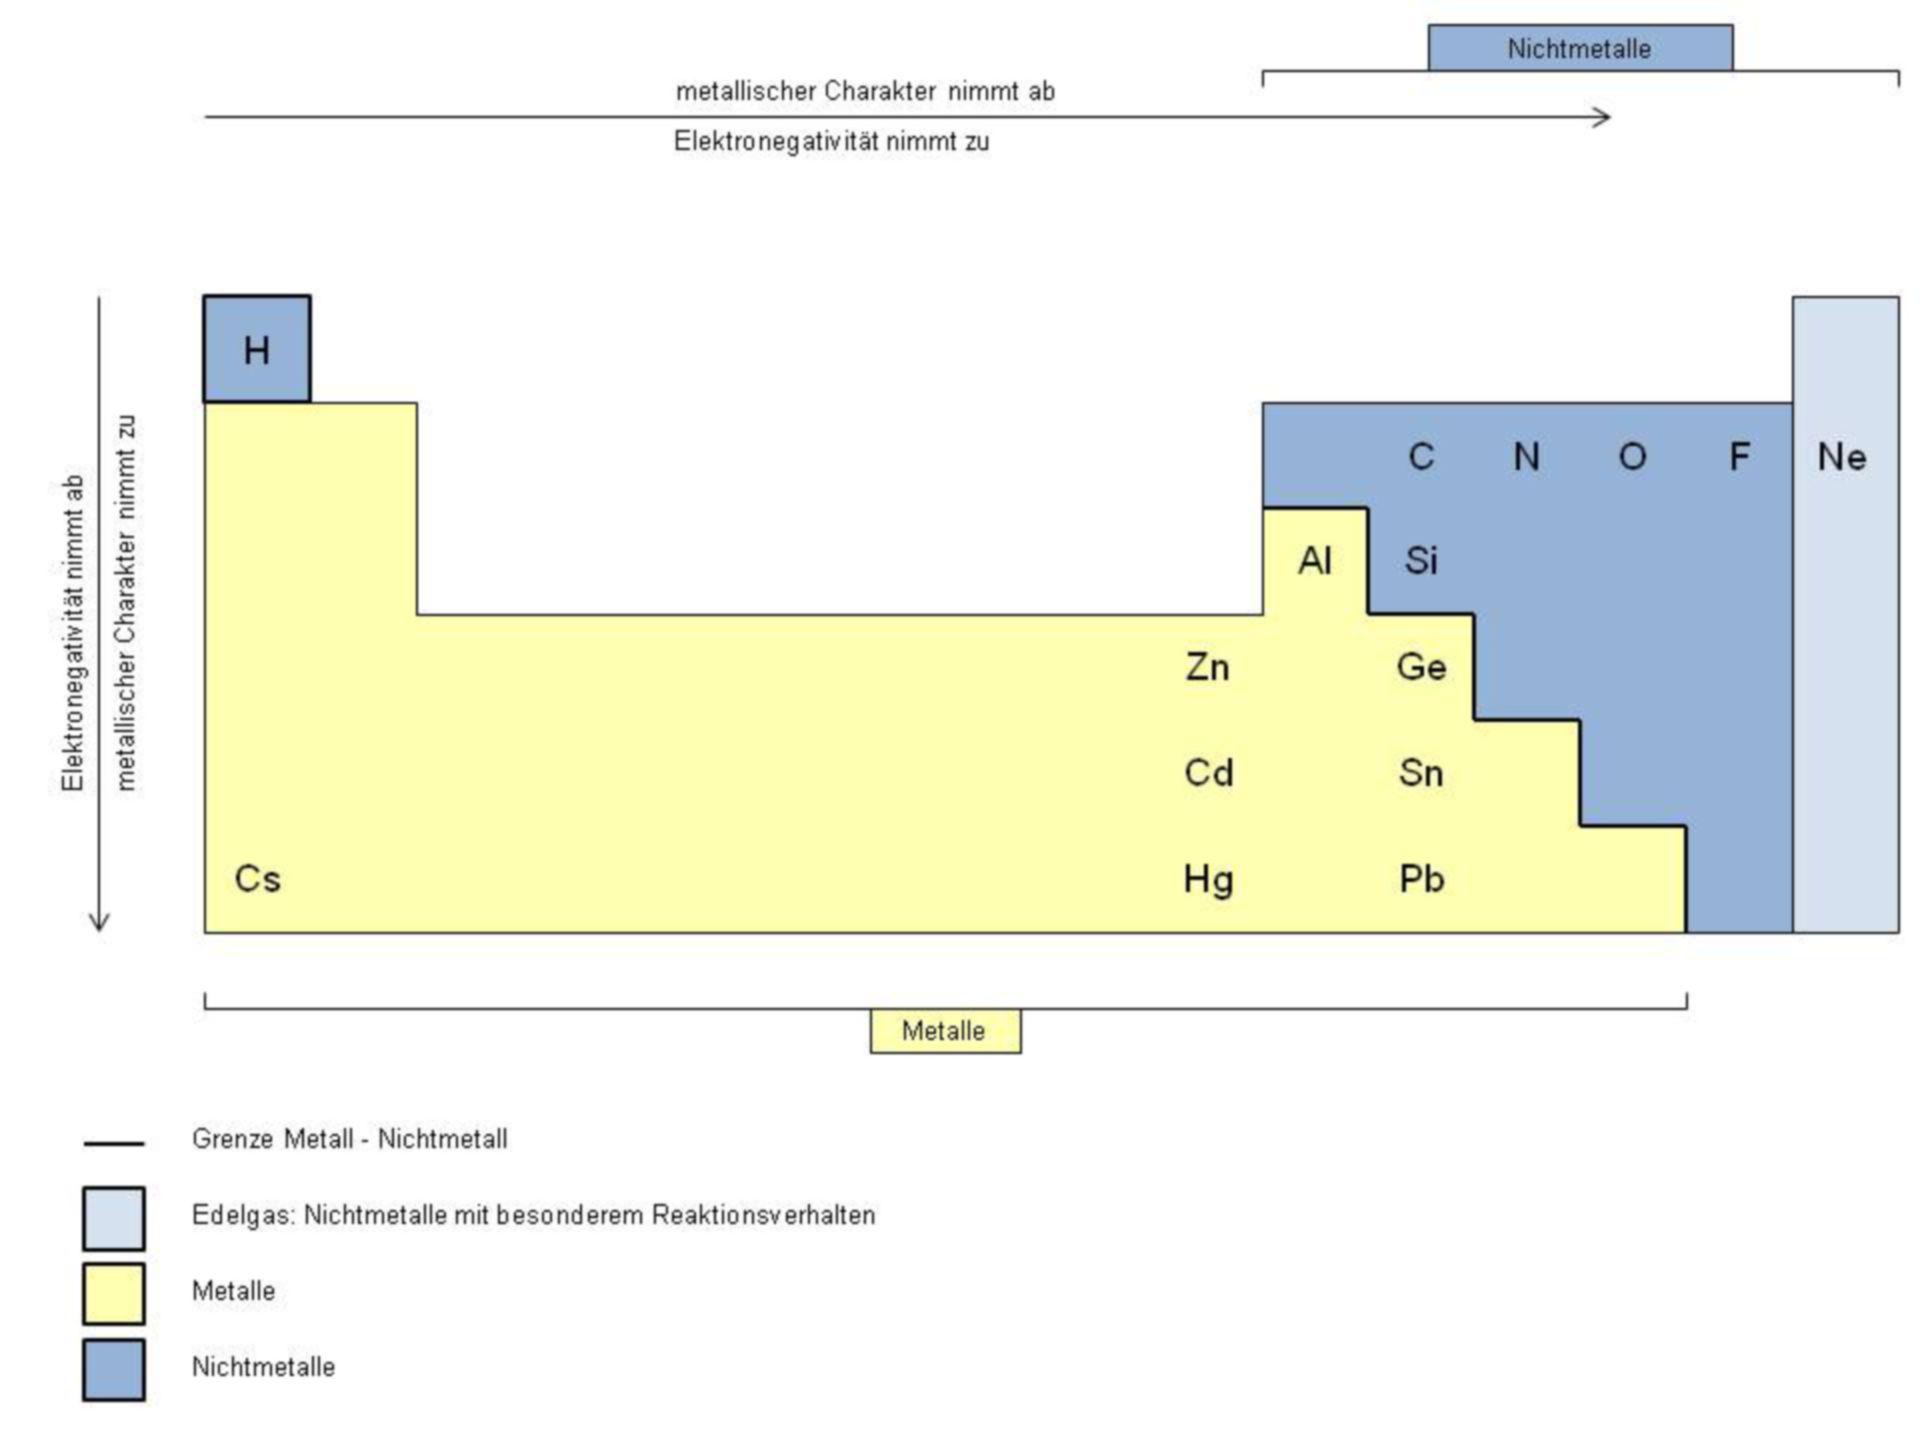 Metalli e non metalli nel sistema periodico